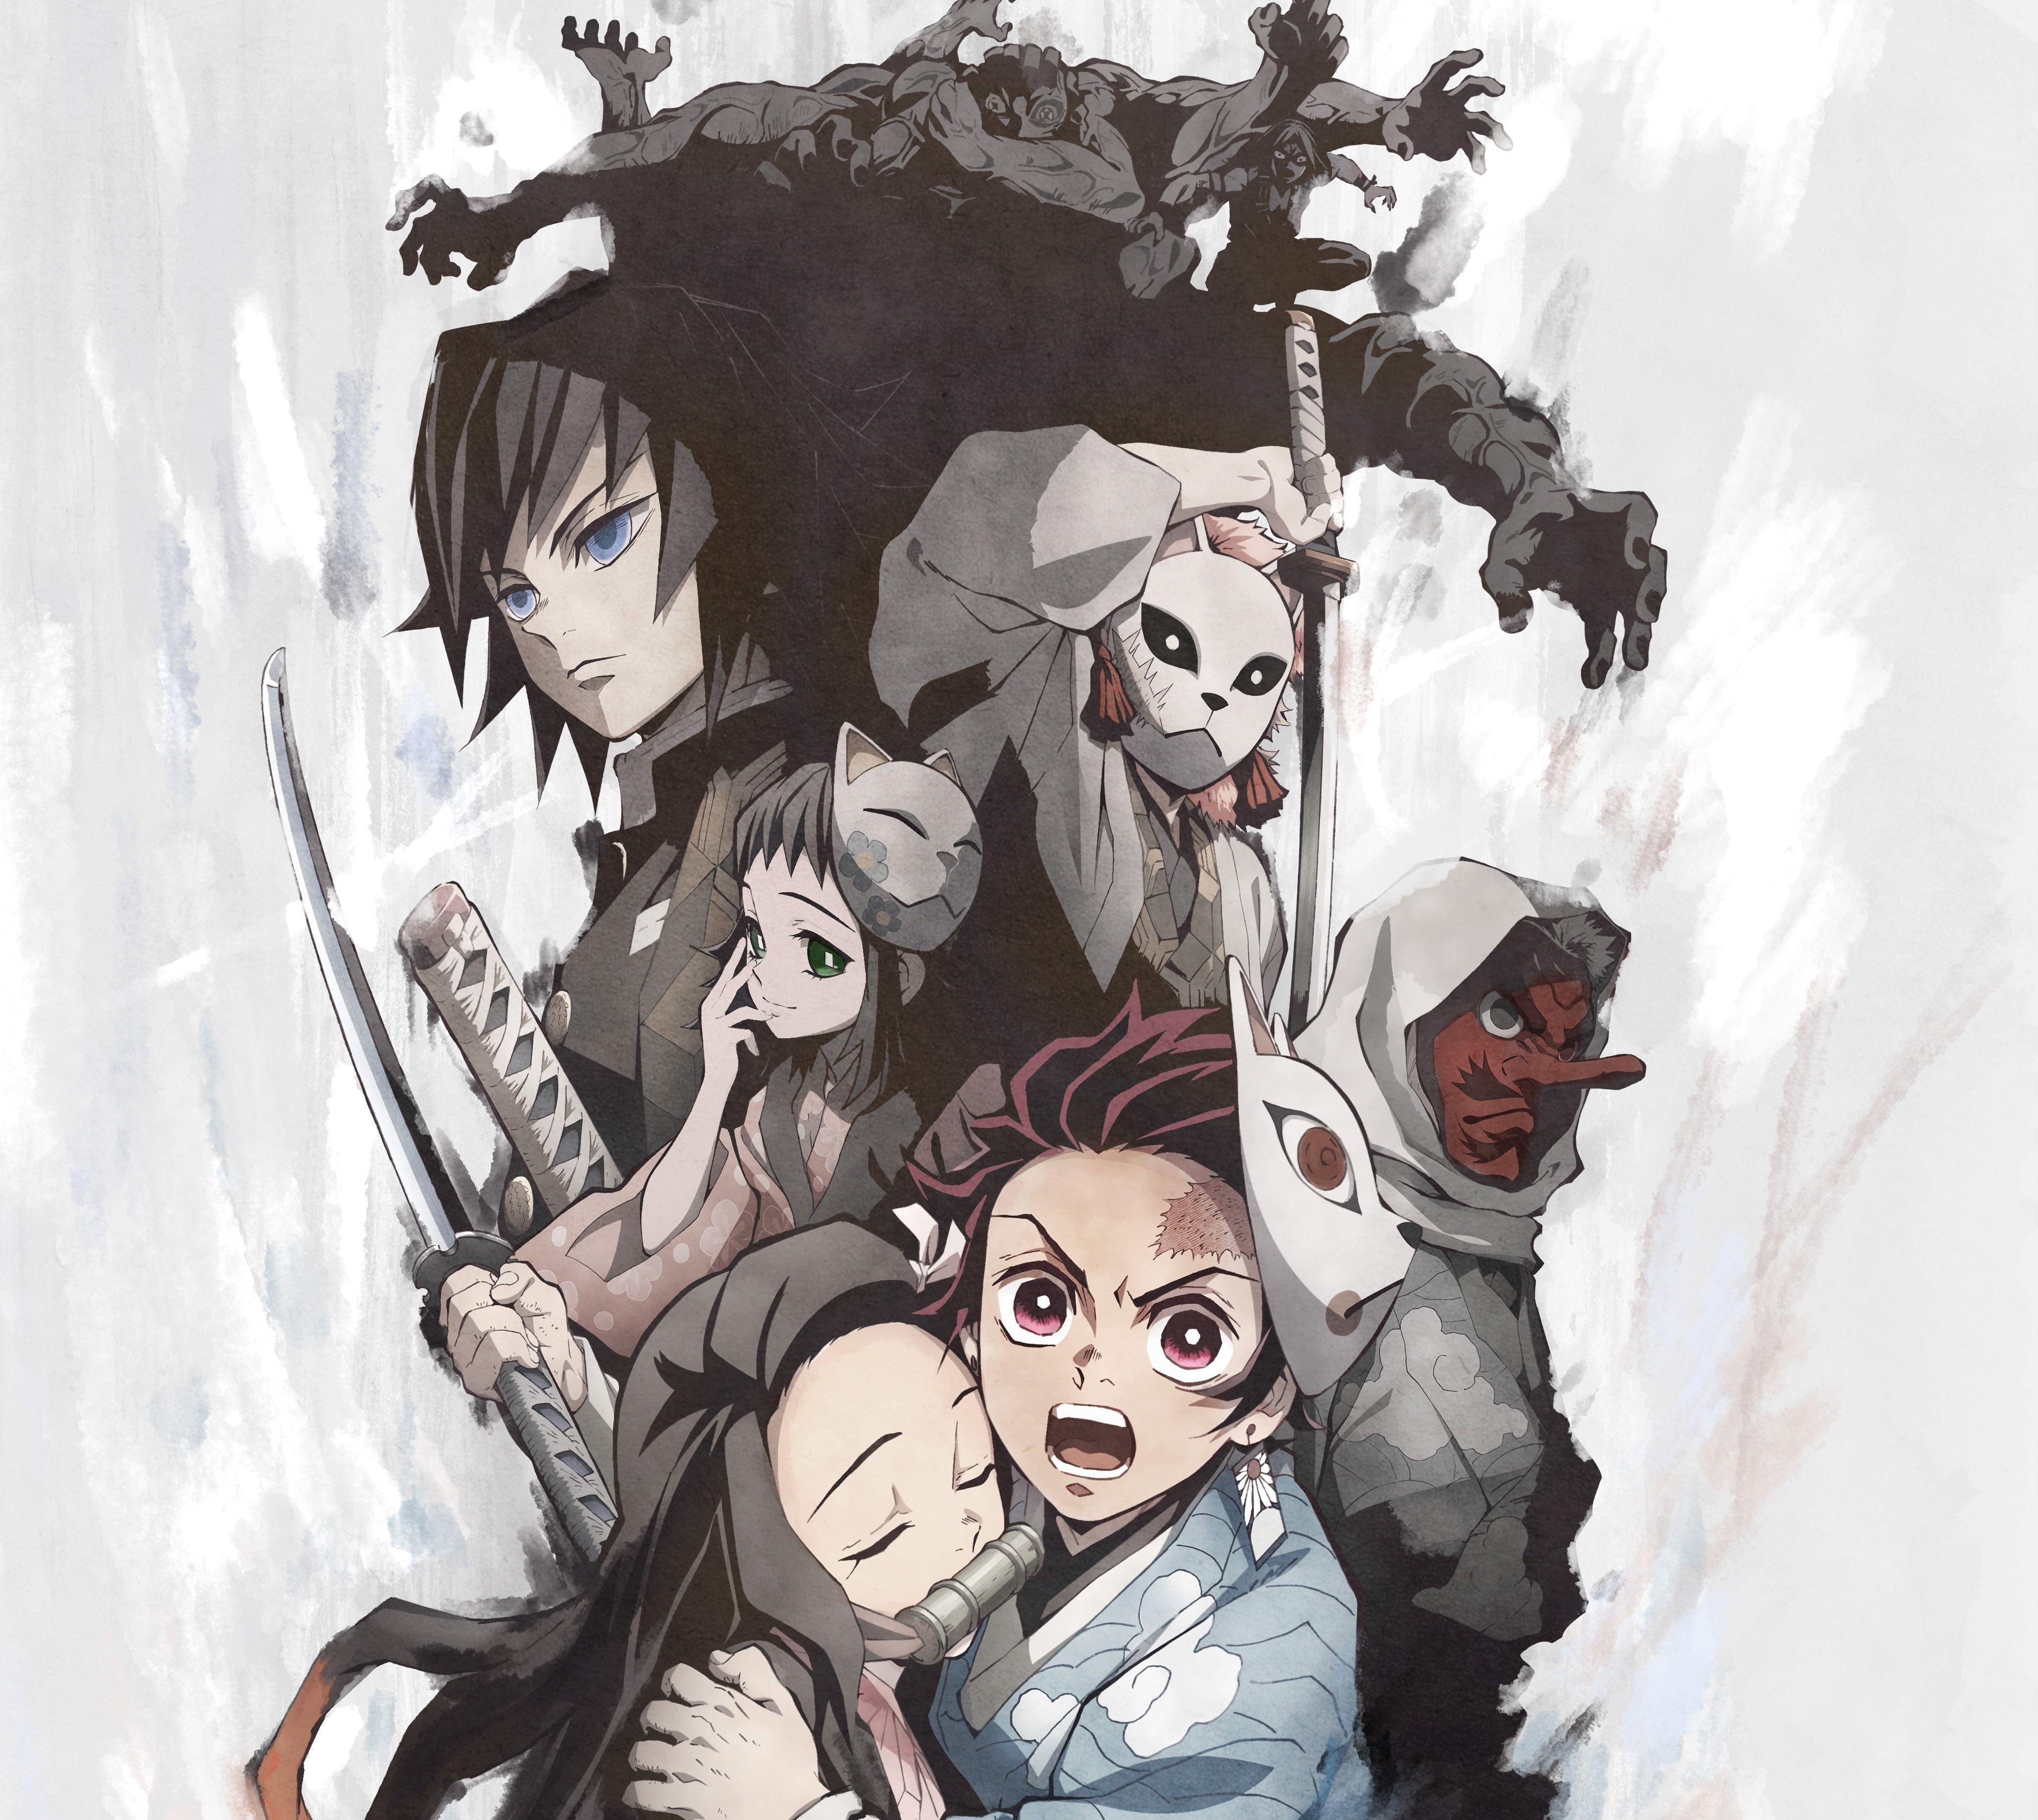 Aesthetic Demon Slayer Wallpaper Desktop Blogger Ndeso In 2020 Hd Anime Wallpapers Anime Wallpaper 1920x1080 Cool Anime Wallpapers